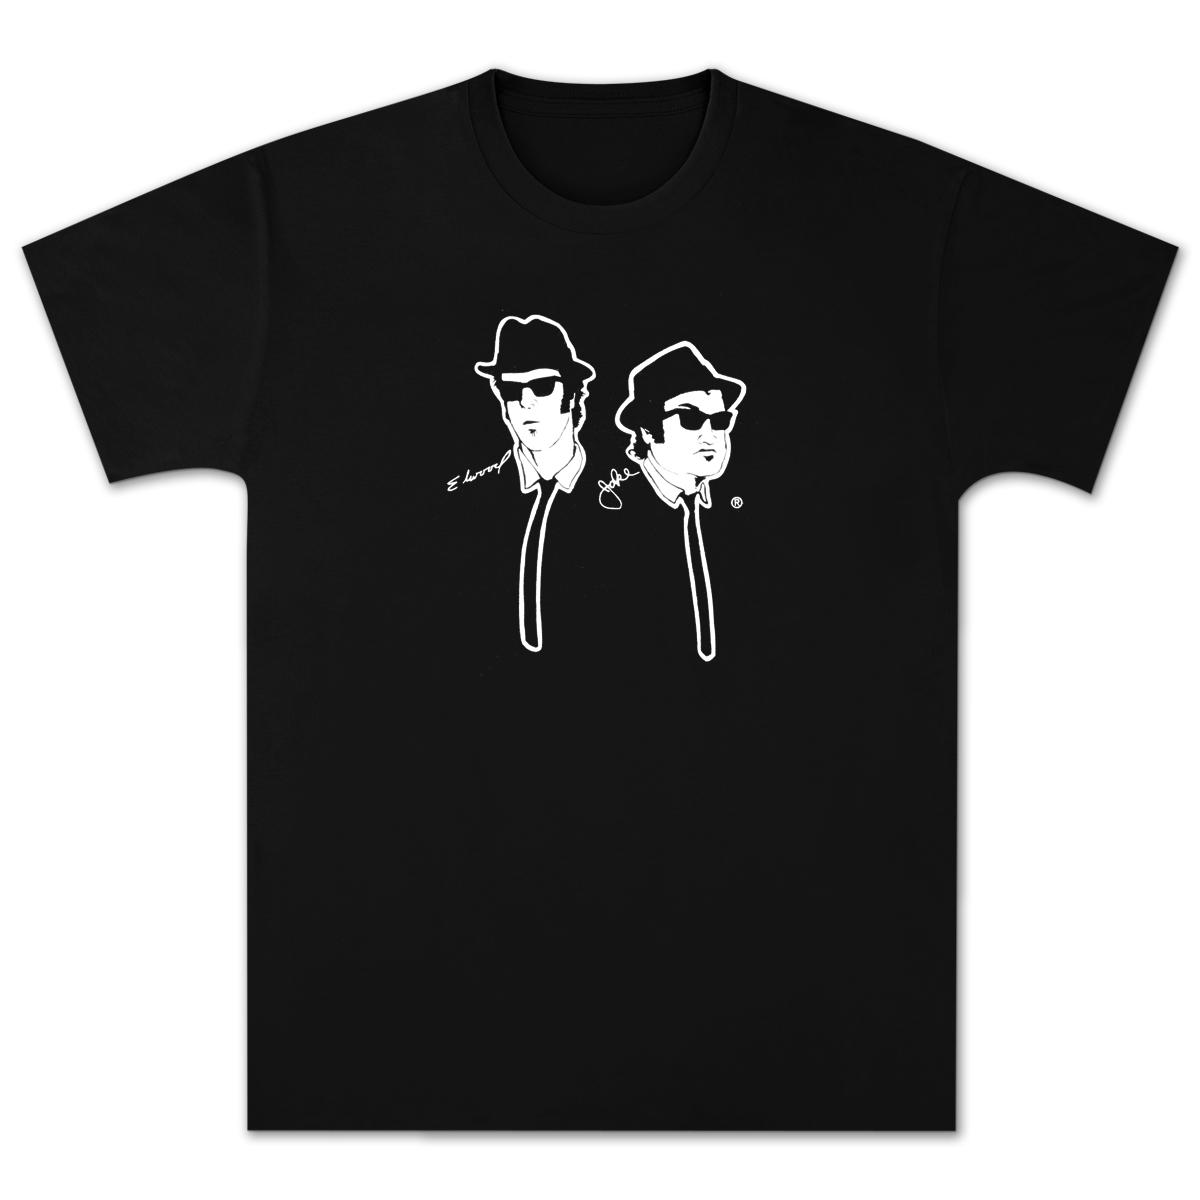 House of Blues Black J&E T-Shirt - Las Vegas